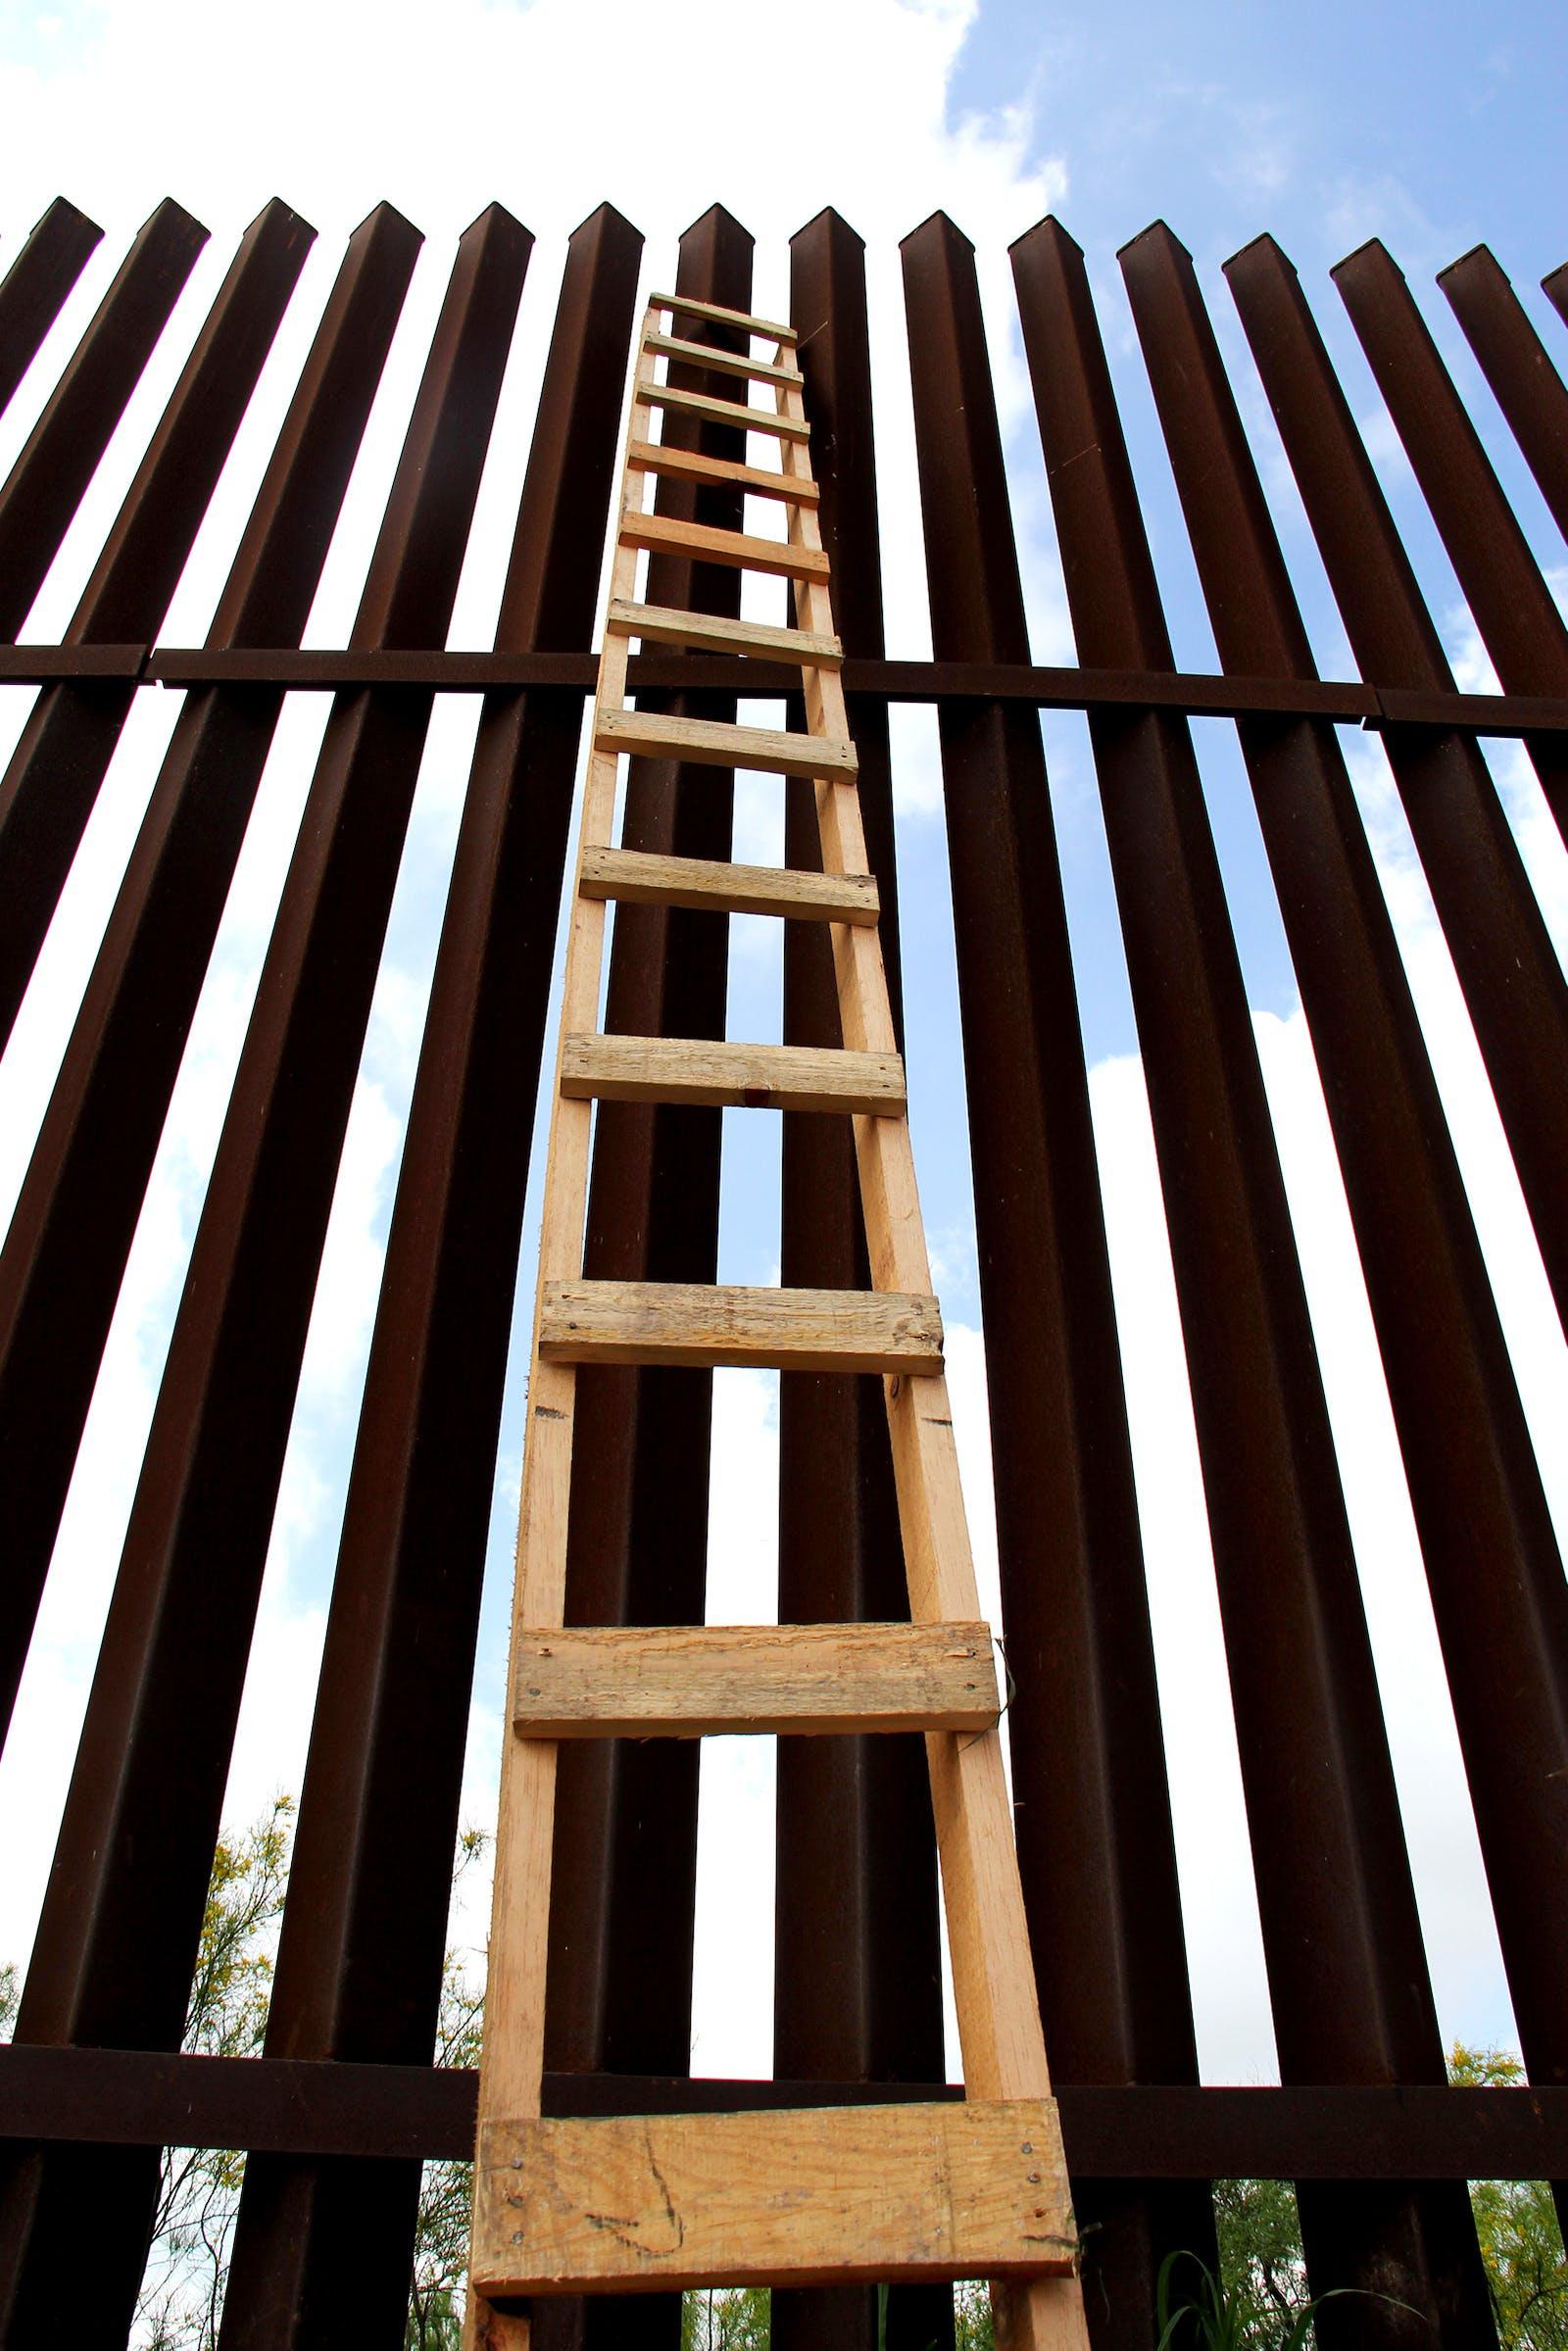 A ladder at Hidalgo's pumphouse.